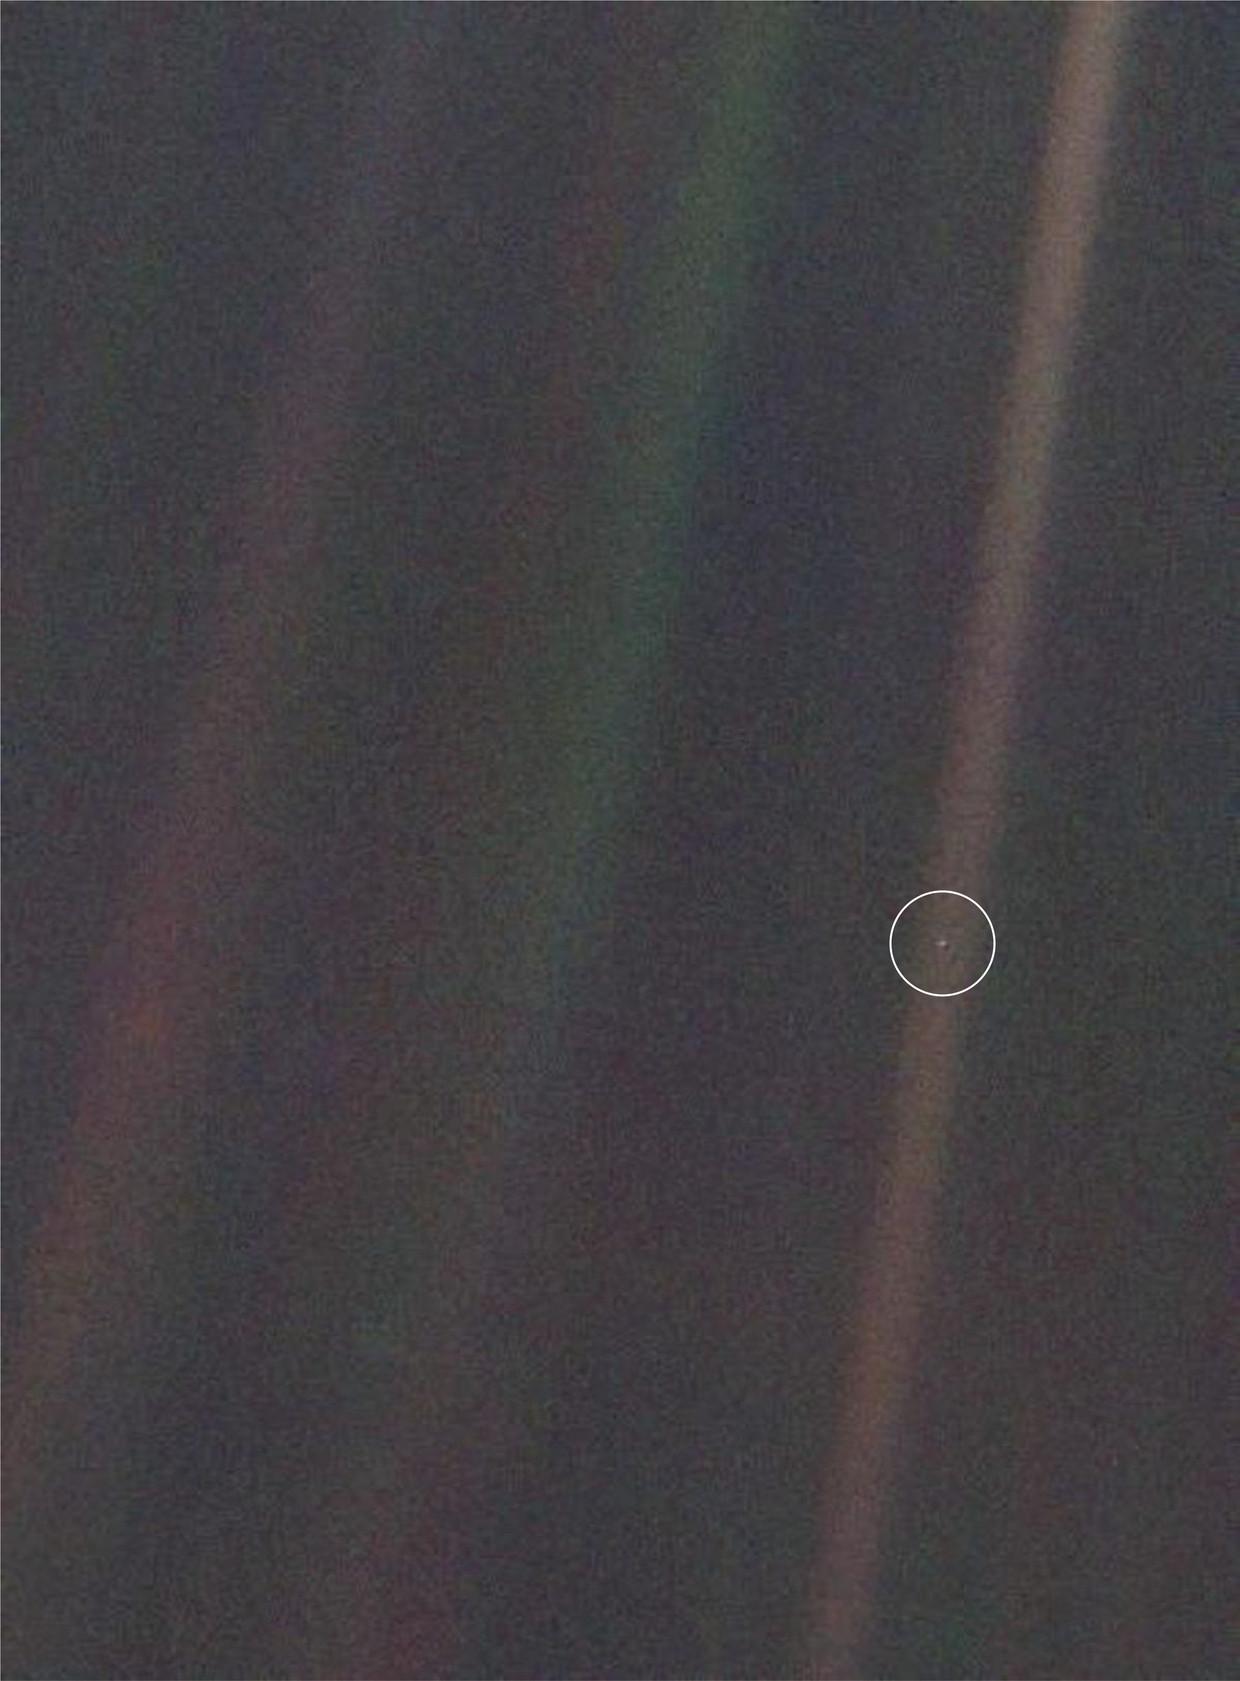 Deze foto van de aarde werd genomen op 14 februari 1990 door Voyager 1, op 6,4 miljard kilometer afstand. De strepen die je ziet, zijn zonlicht dat weerkaatst in de camera. Onze thuisplaneet is op deze foto slechts 0,12 pixels groot. De foto werd een symbool voor de menselijke nietigheid.